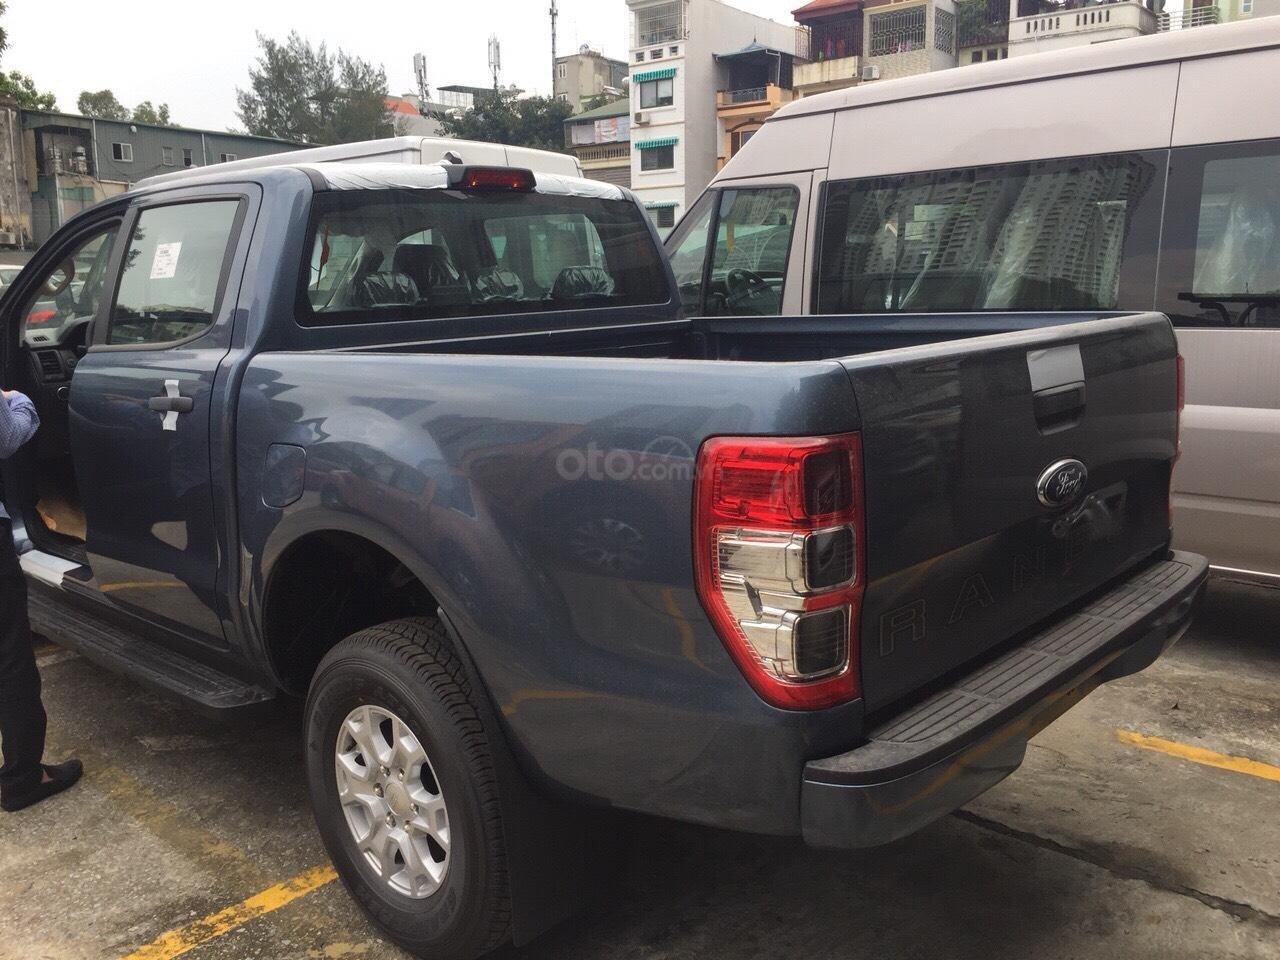 Bán Ford Ranger XLS AT 1 cầu, số tự động xe mới, nhập nguyên chiếc Thái Lan, bao giá toàn quốc LH 0965423558 (13)